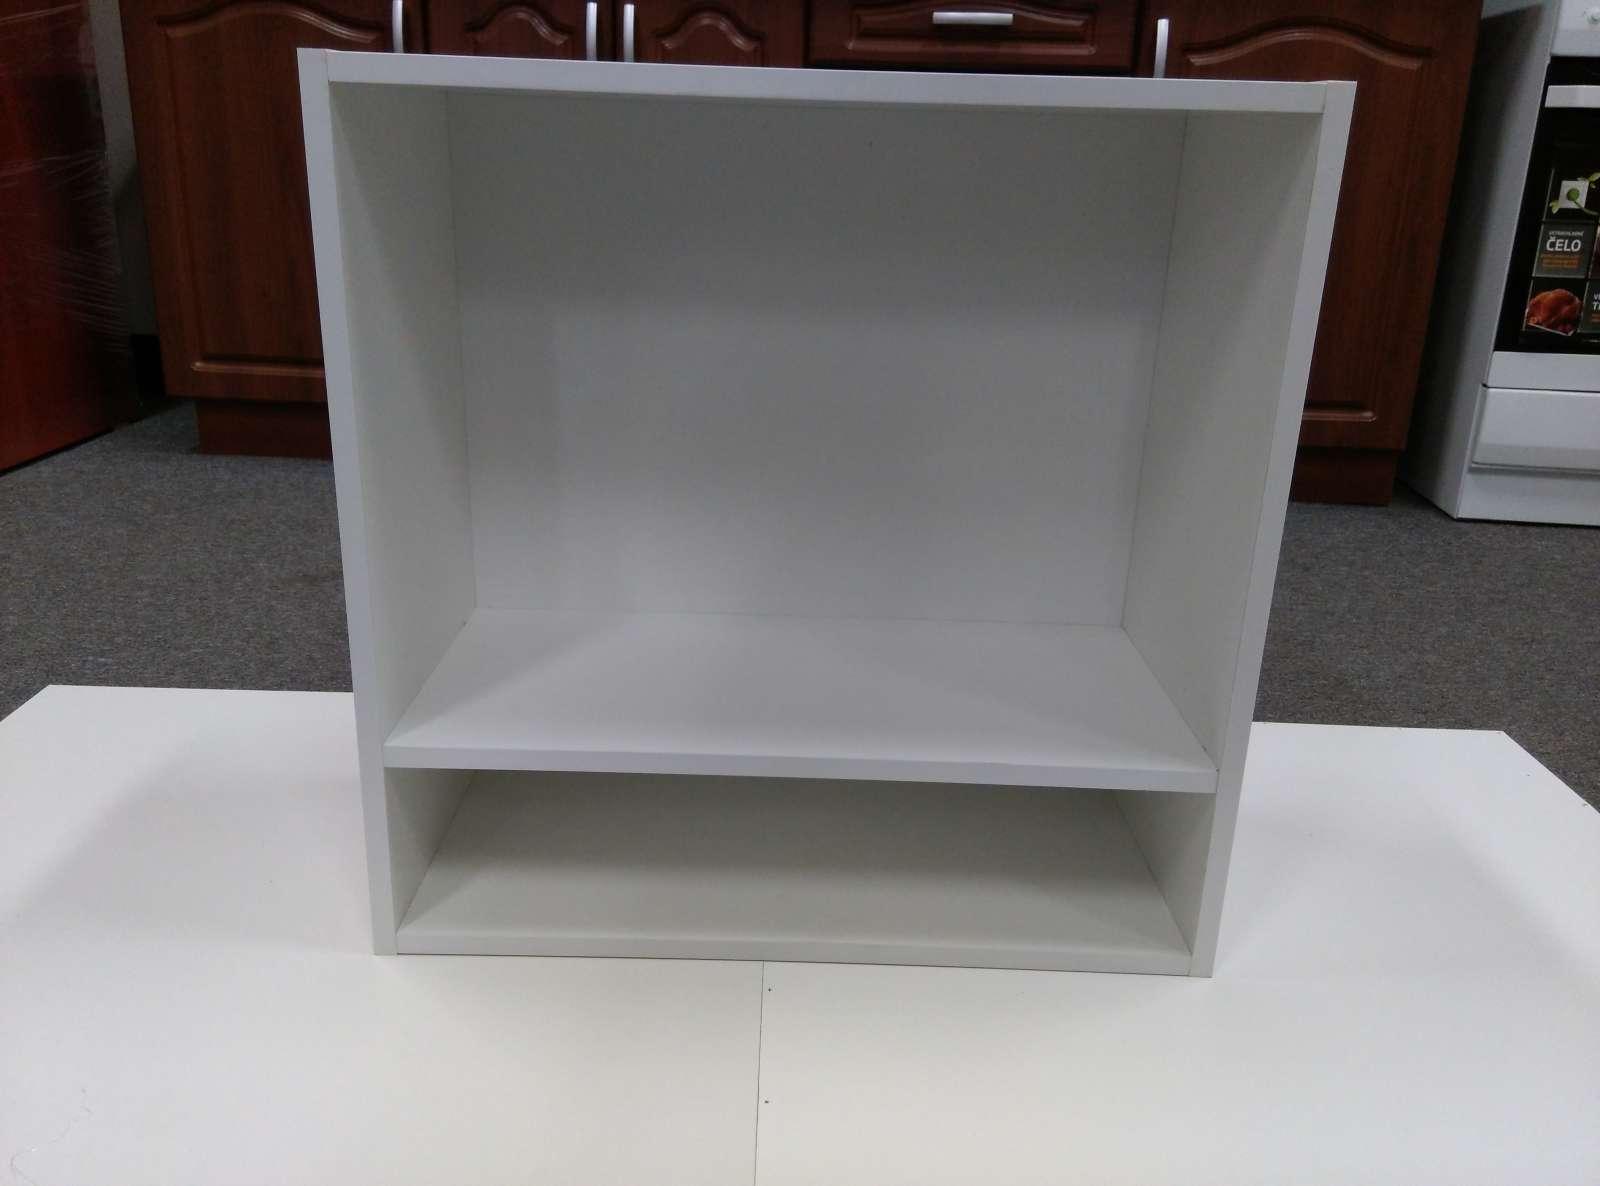 Horní policová kuchyňská skříňka 60 cm - výprodej